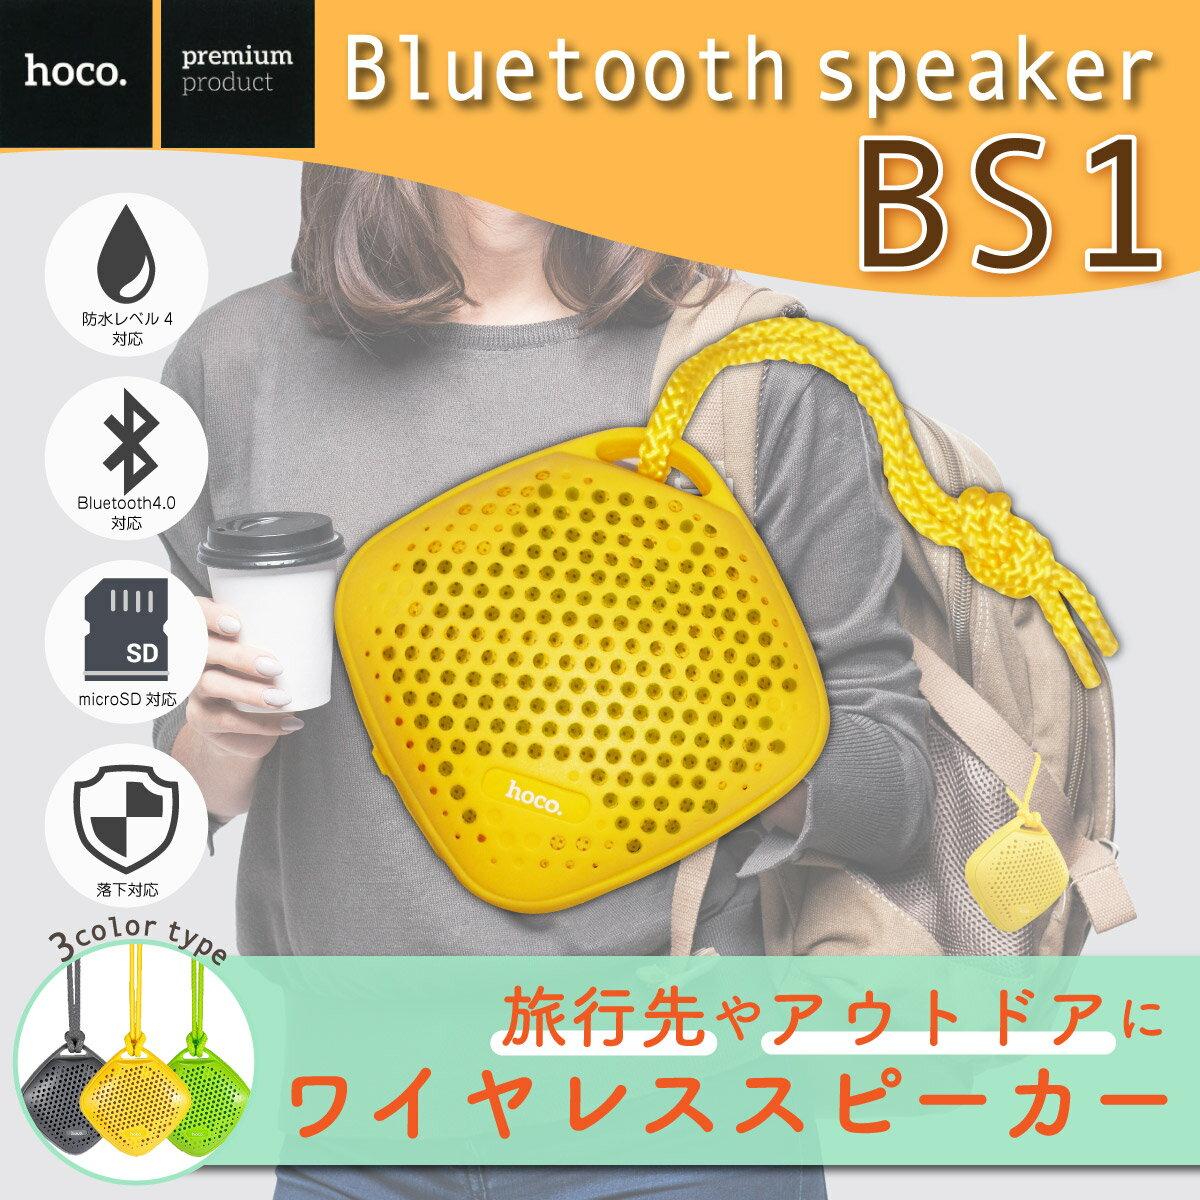 ワイヤレススピーカー スピーカー Bluetooth 高音質 ブルートゥース 防水 スピーカー大音量 ワイヤレス スピーカー ポータブル iPhone Android hoco hoco-bs1